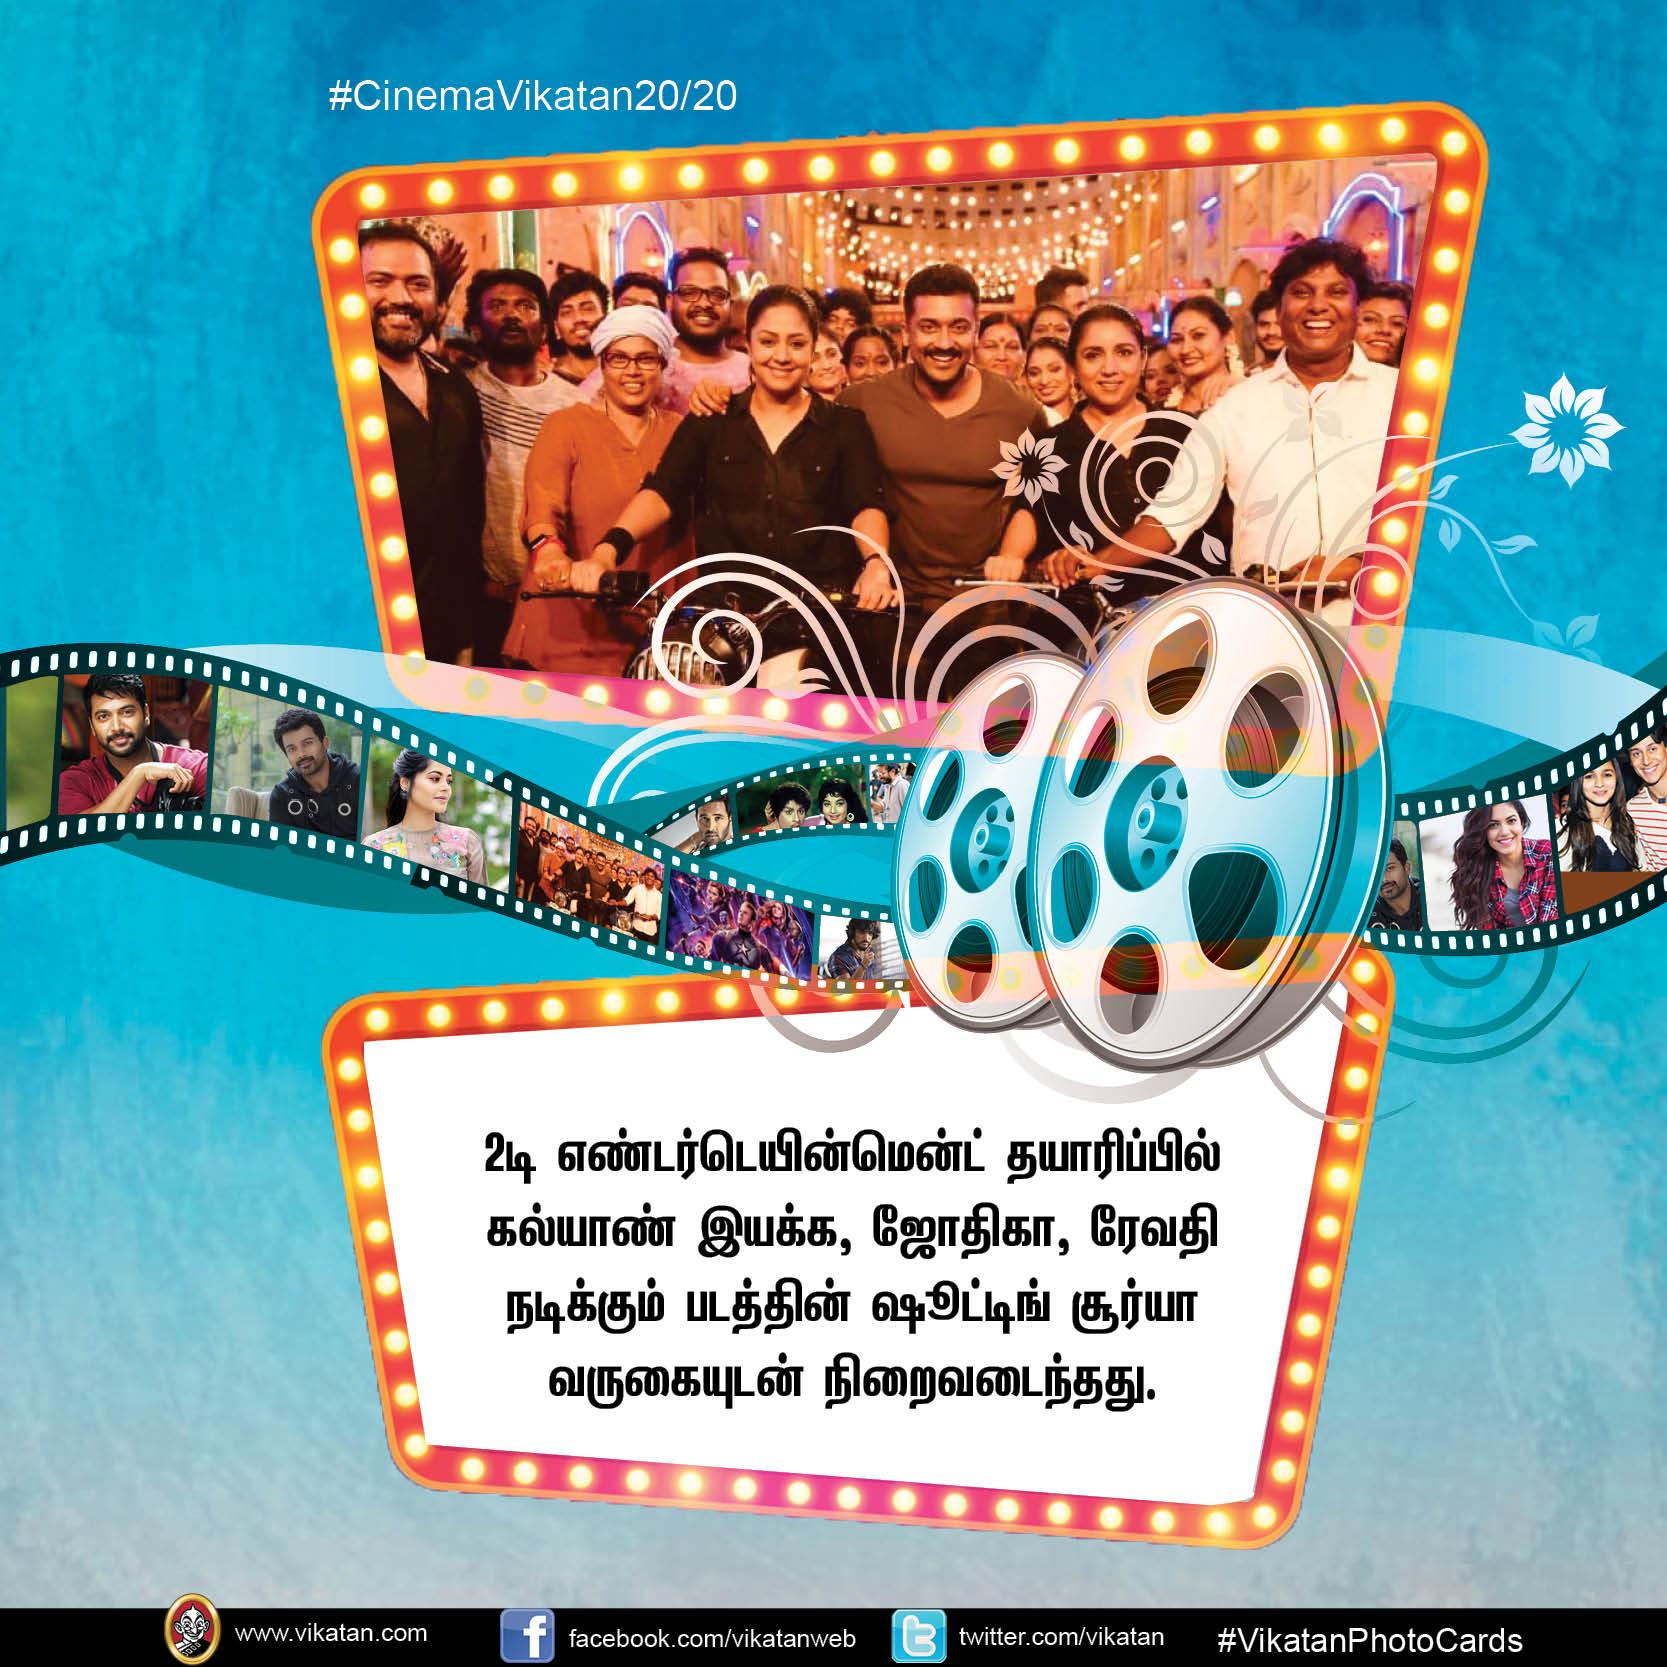 'அந்தாதுன்' தமிழ் ரீமேக்... ஜெயம் ரவிக்குக் கோடி ரூபாய் செட்... #CinemaVikatan20/20